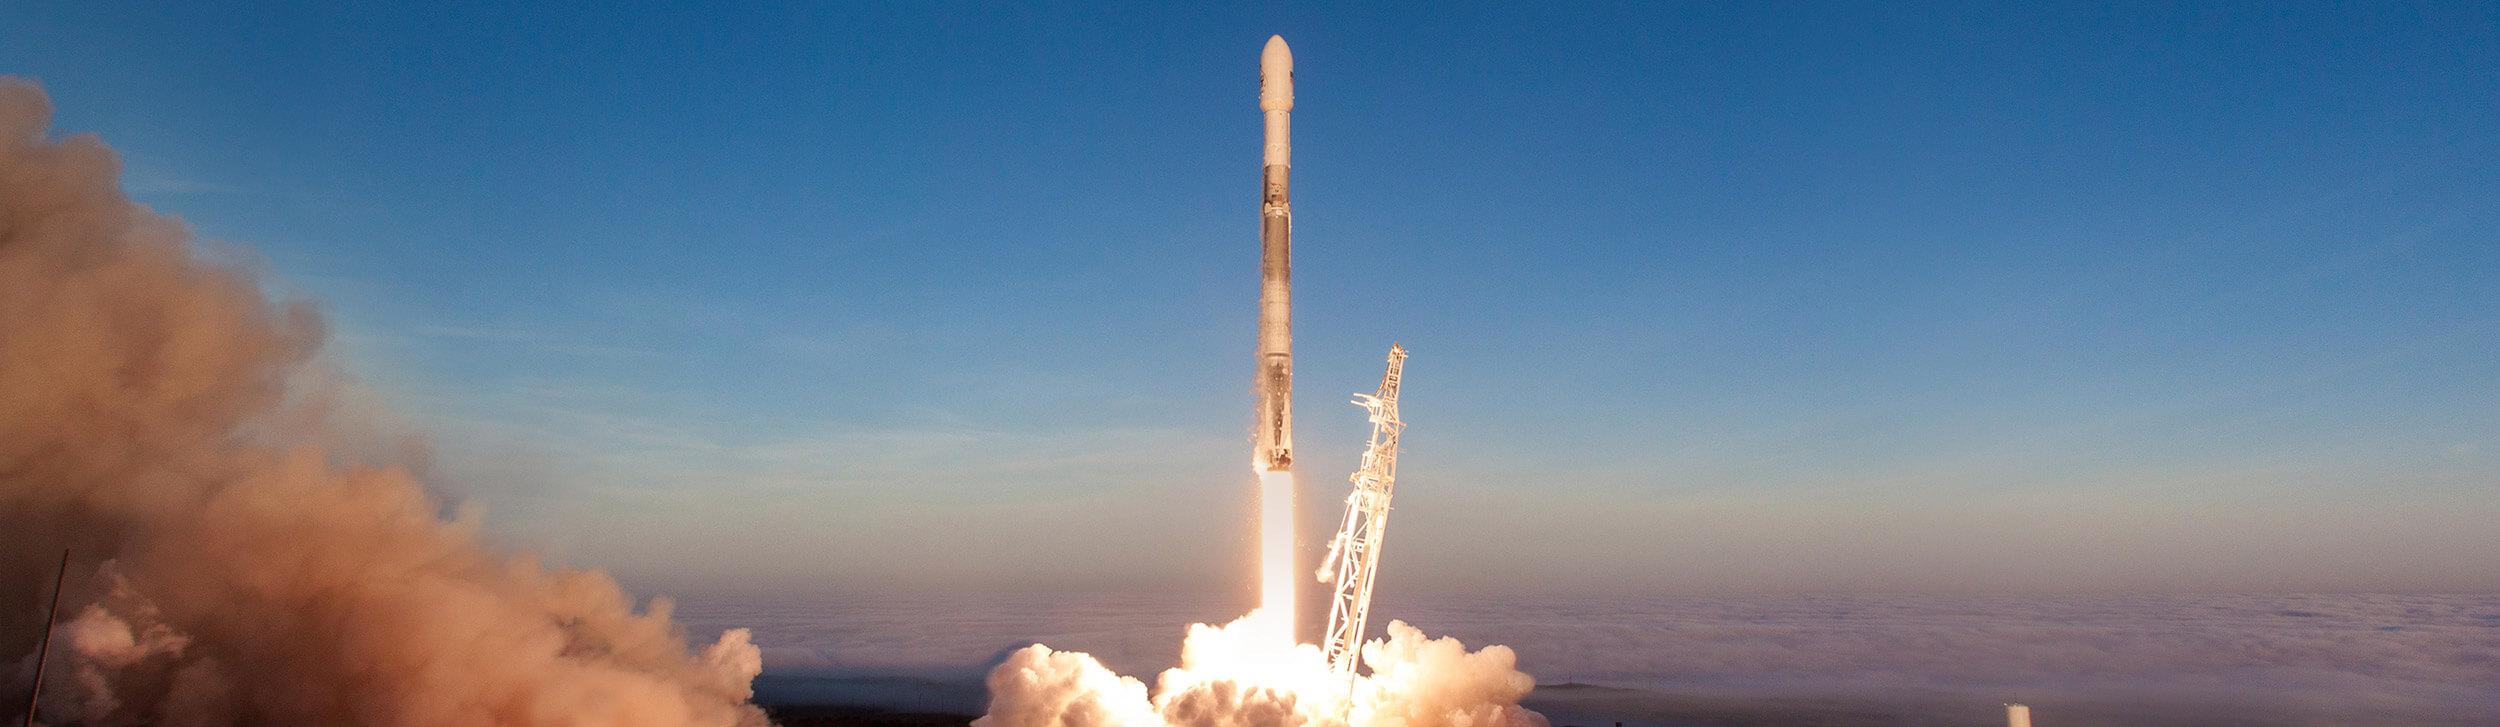 Илон Маск собственноручно начал гонку за космический интернет. Но кому он нужен?